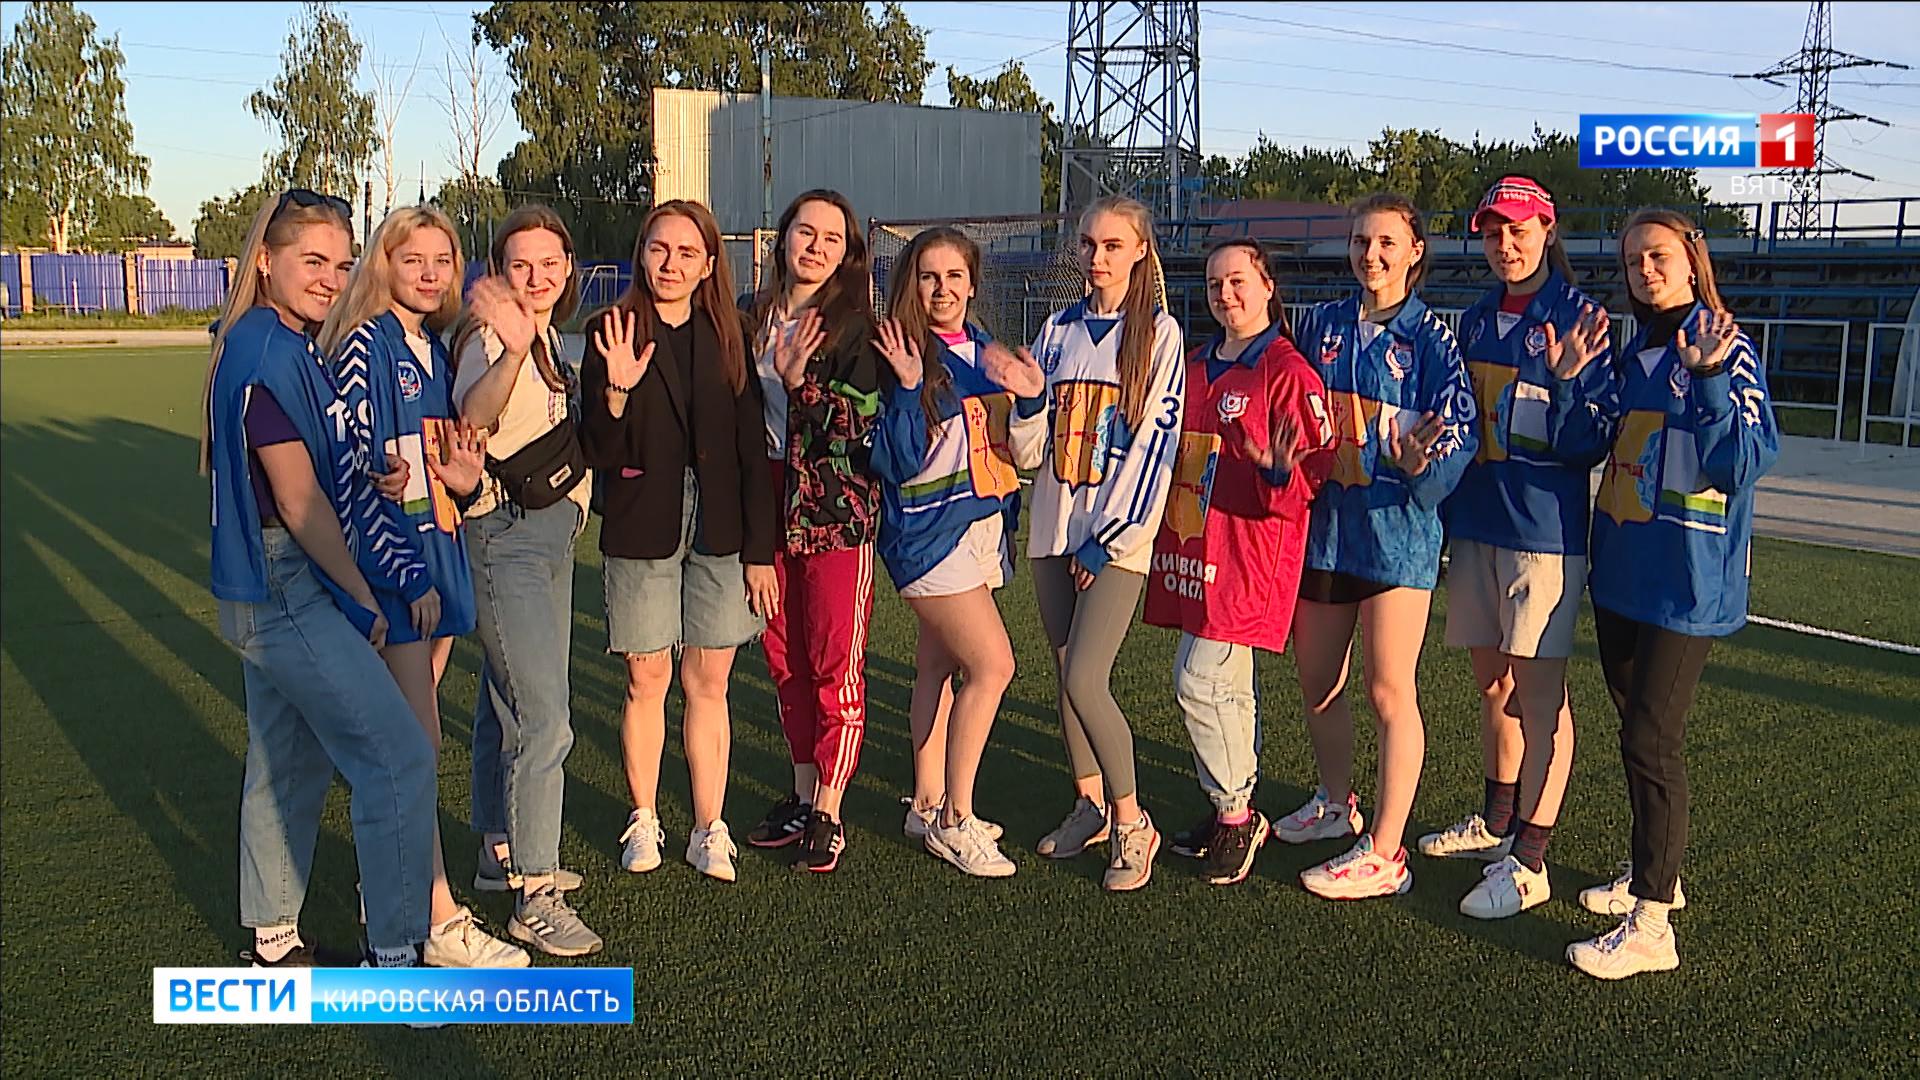 Женская хоккейная команда «Родина» после семилетнего перерыва возобновляет тренировки